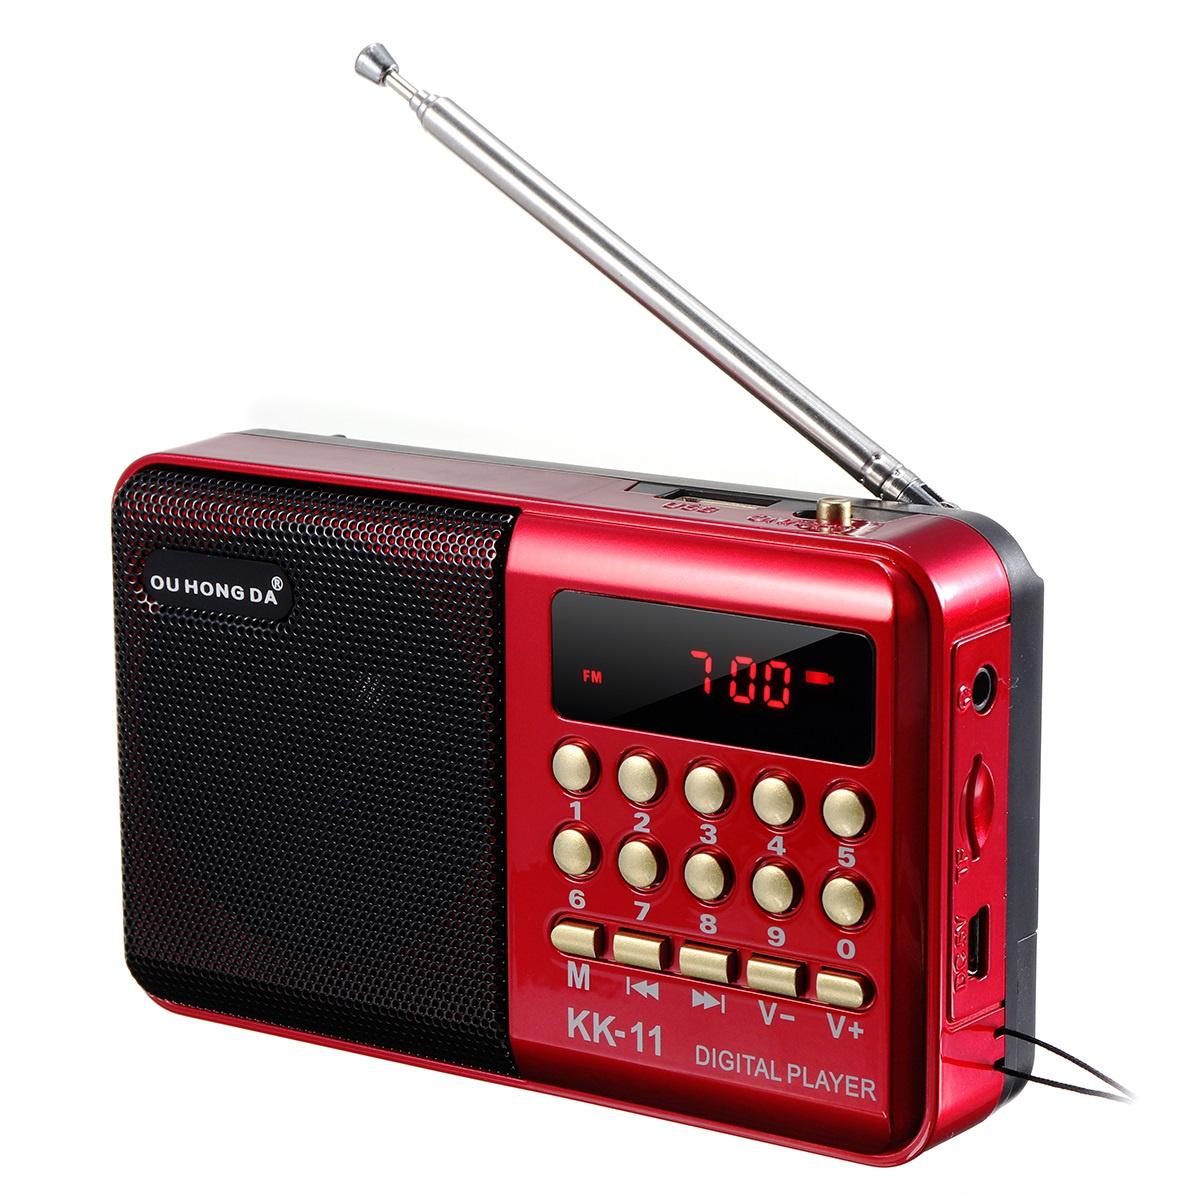 Мини портативный радиоприемник ЖК-Цифровой FM USB TF MP3-плеер Динамик Аккумуляторная любовь урок aker ak58 lcd цифровой микрофон fm выбор радио портативный динамик талии висел небольшой пчелы аудио красный